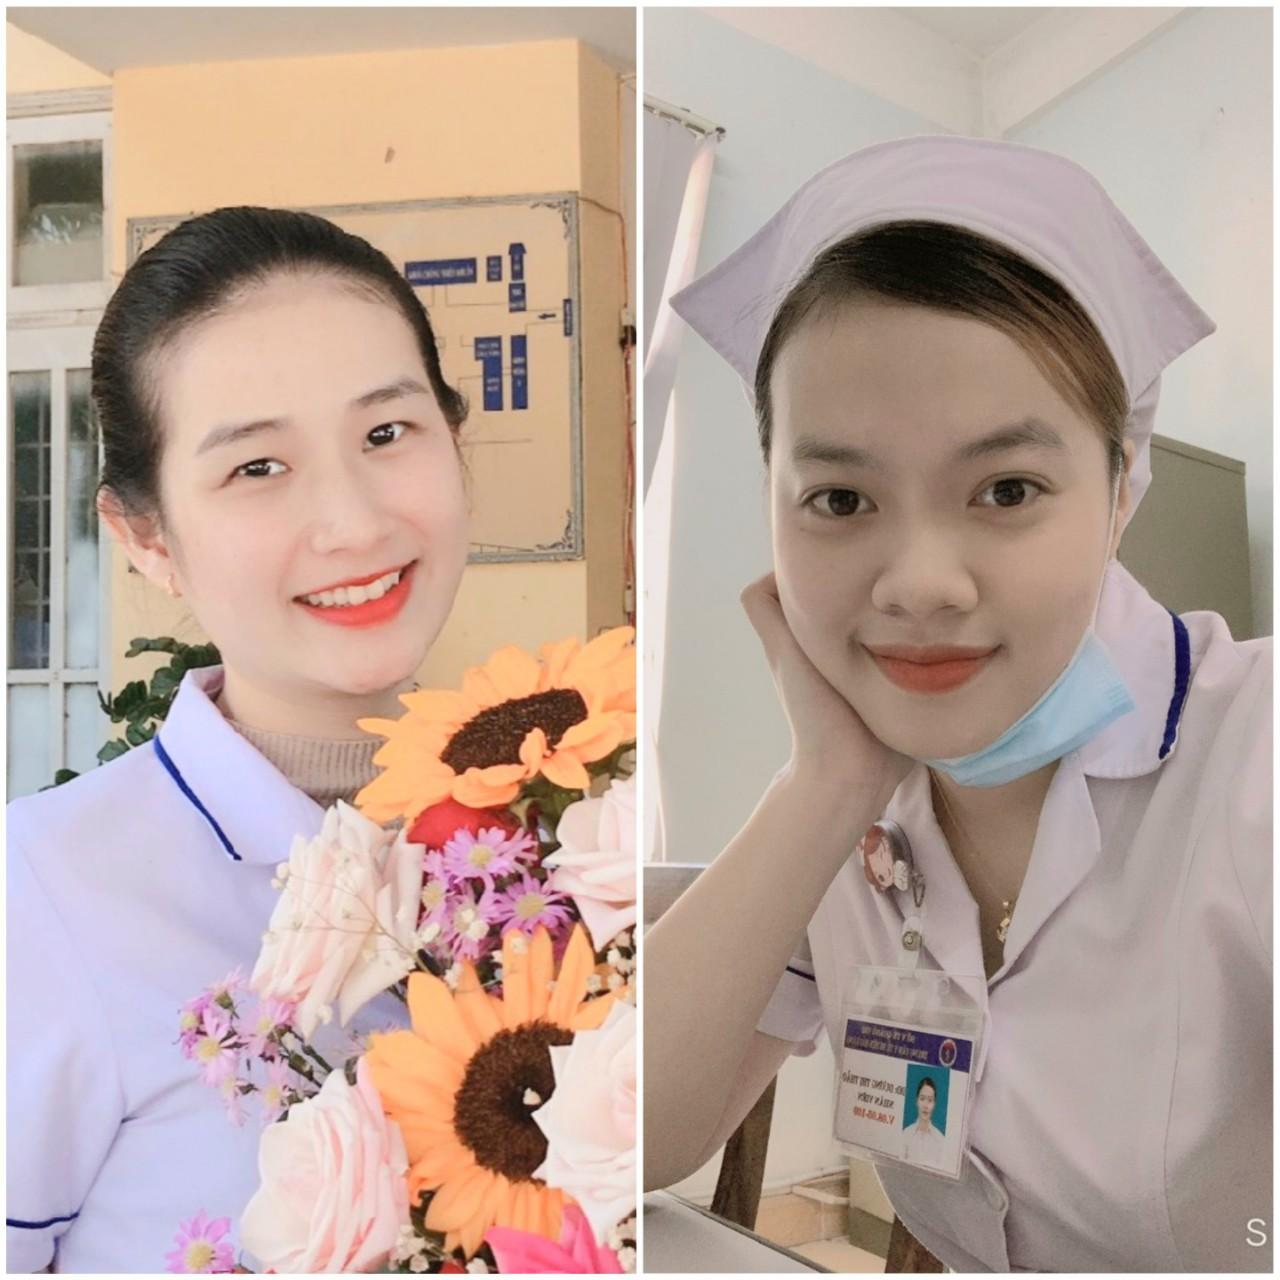 Thêm 36 cán bộ y tế tỉnh Quảng Trị chuẩn bị vào Nam chống dịch: Sẵn sàng có mặt khi Tổ quốc cần - Ảnh 1.